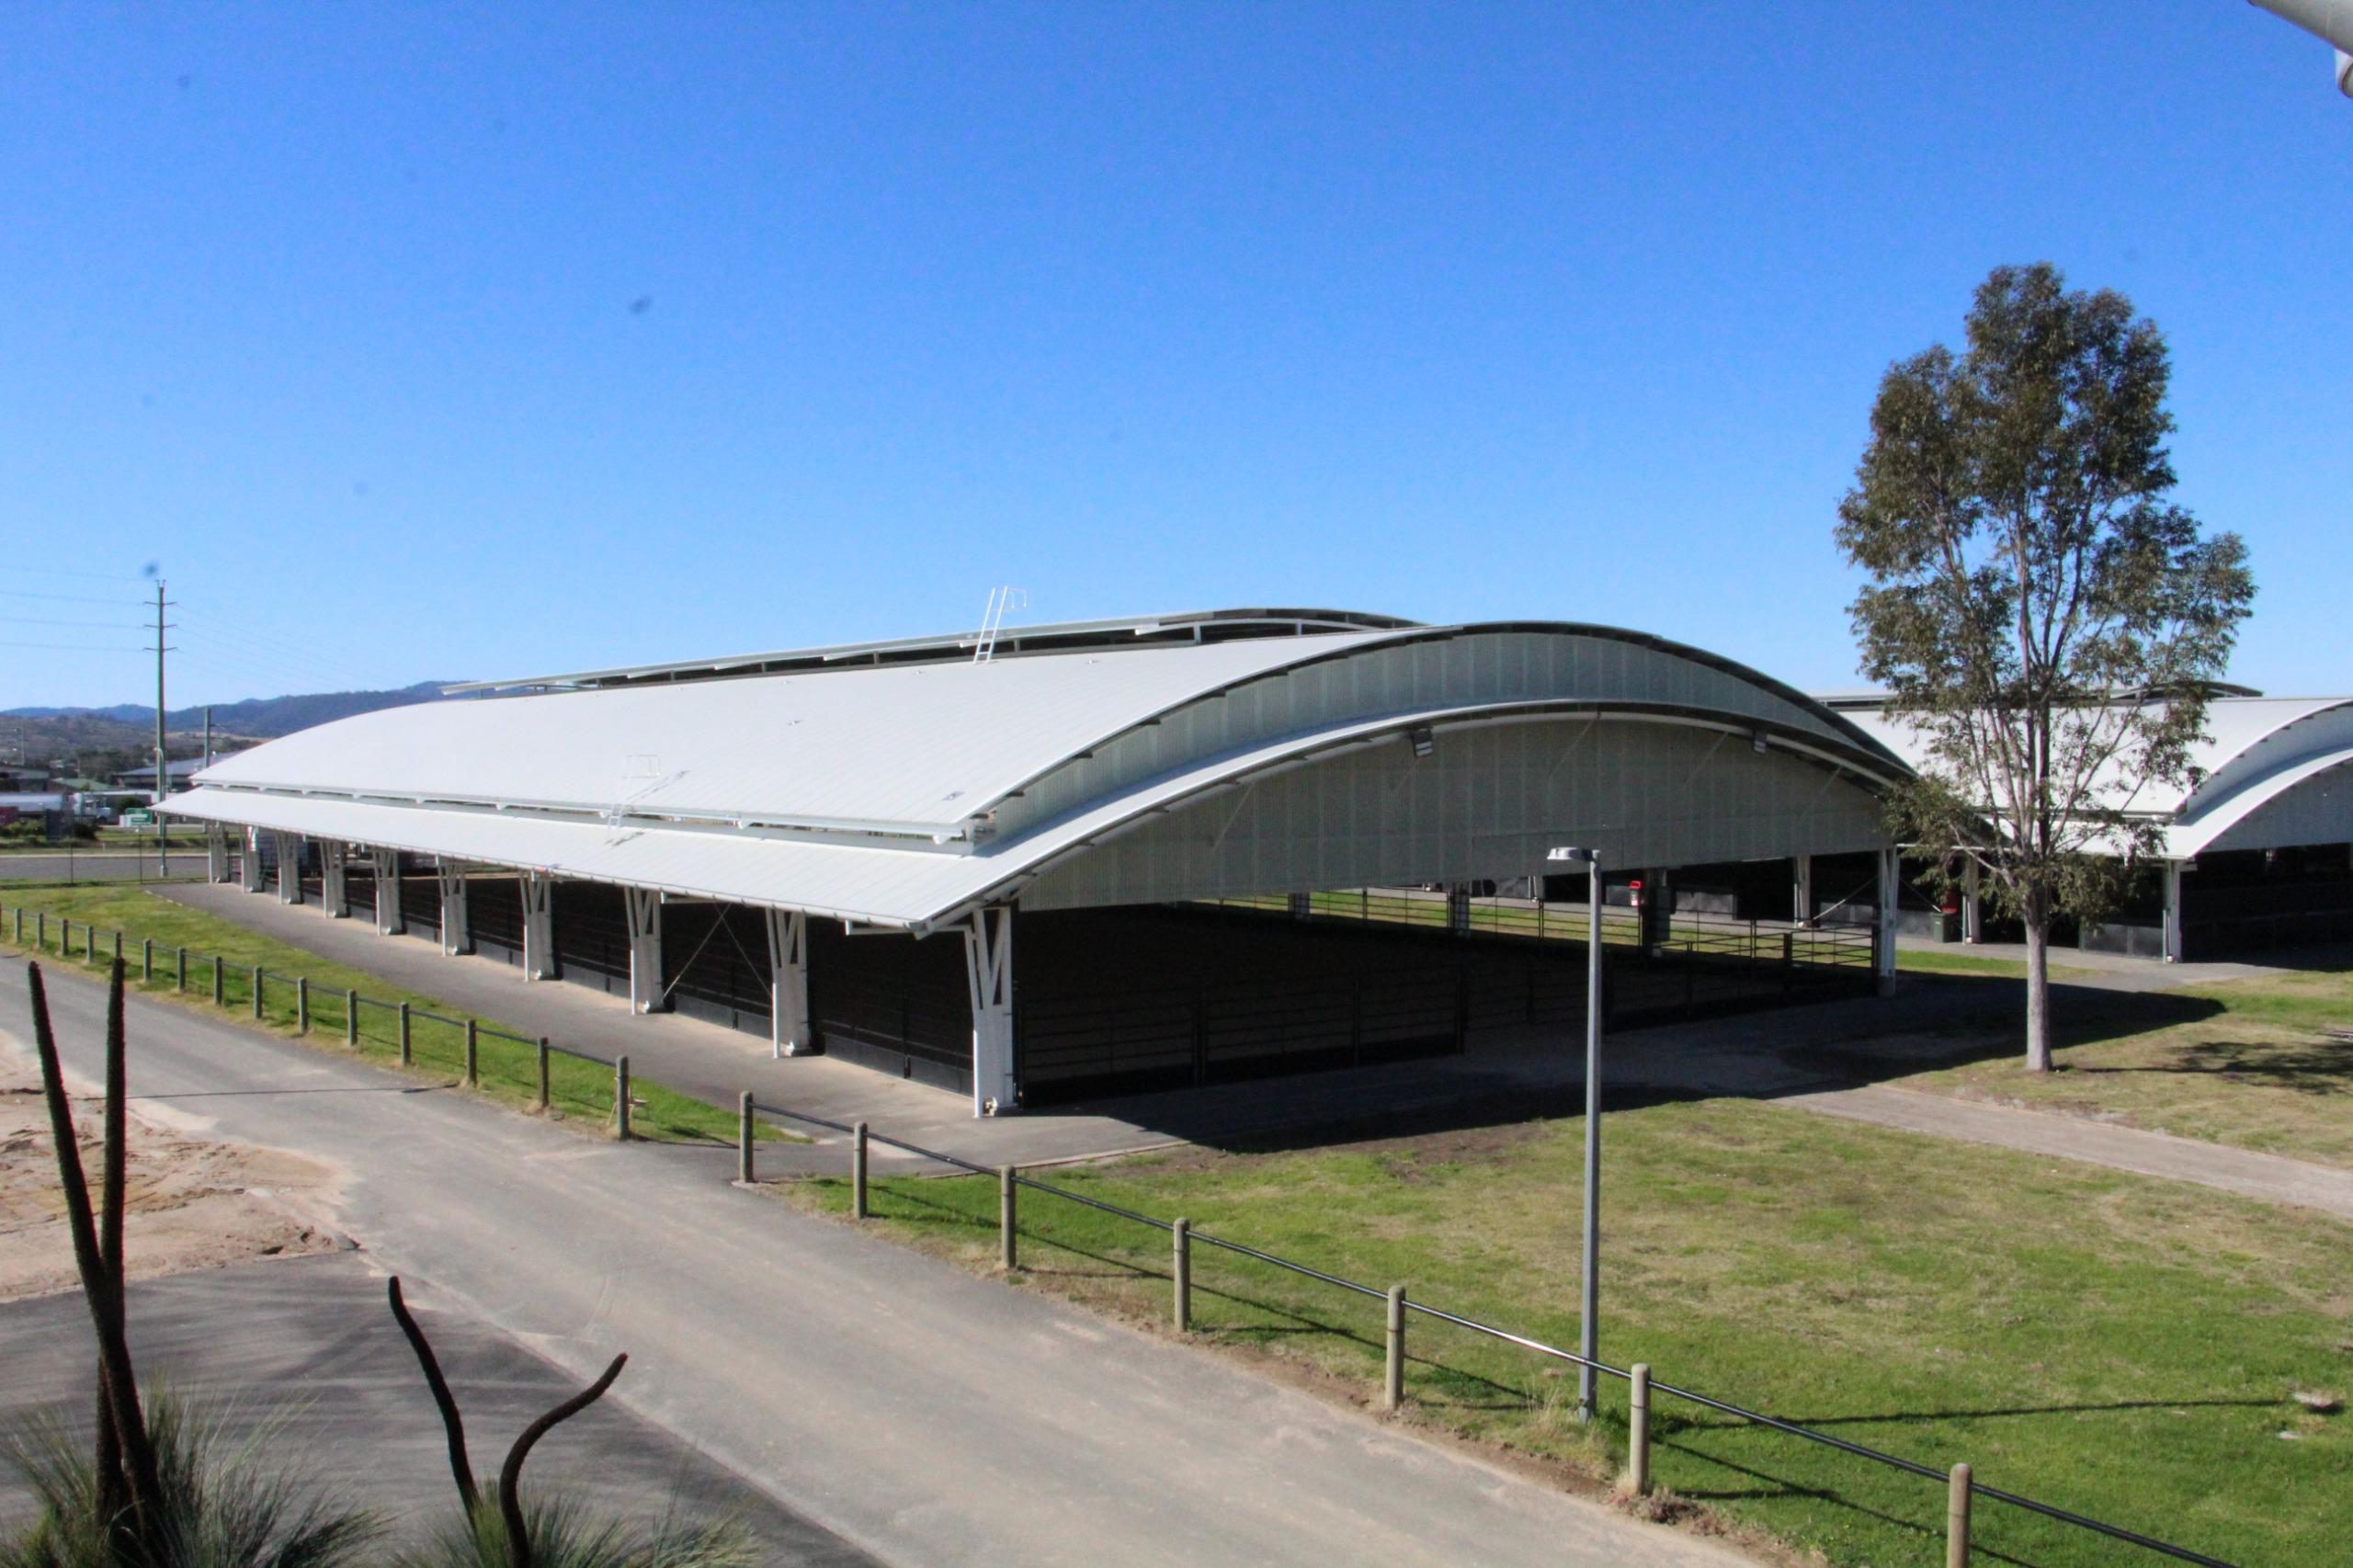 Warmup arena 1